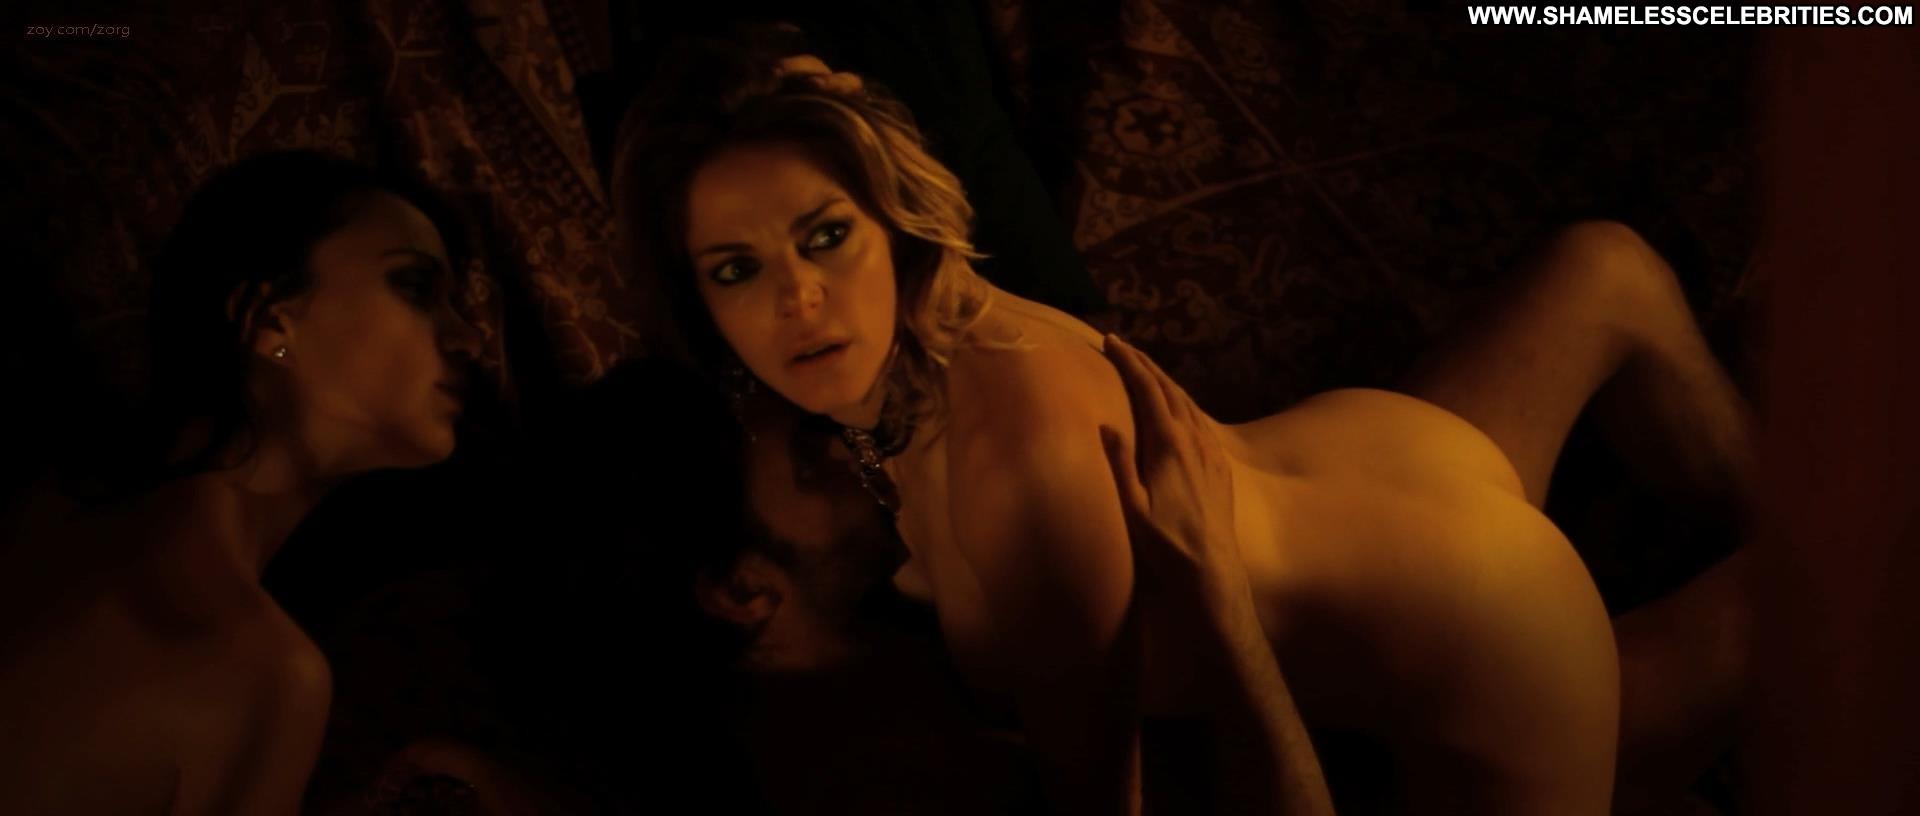 nude sex